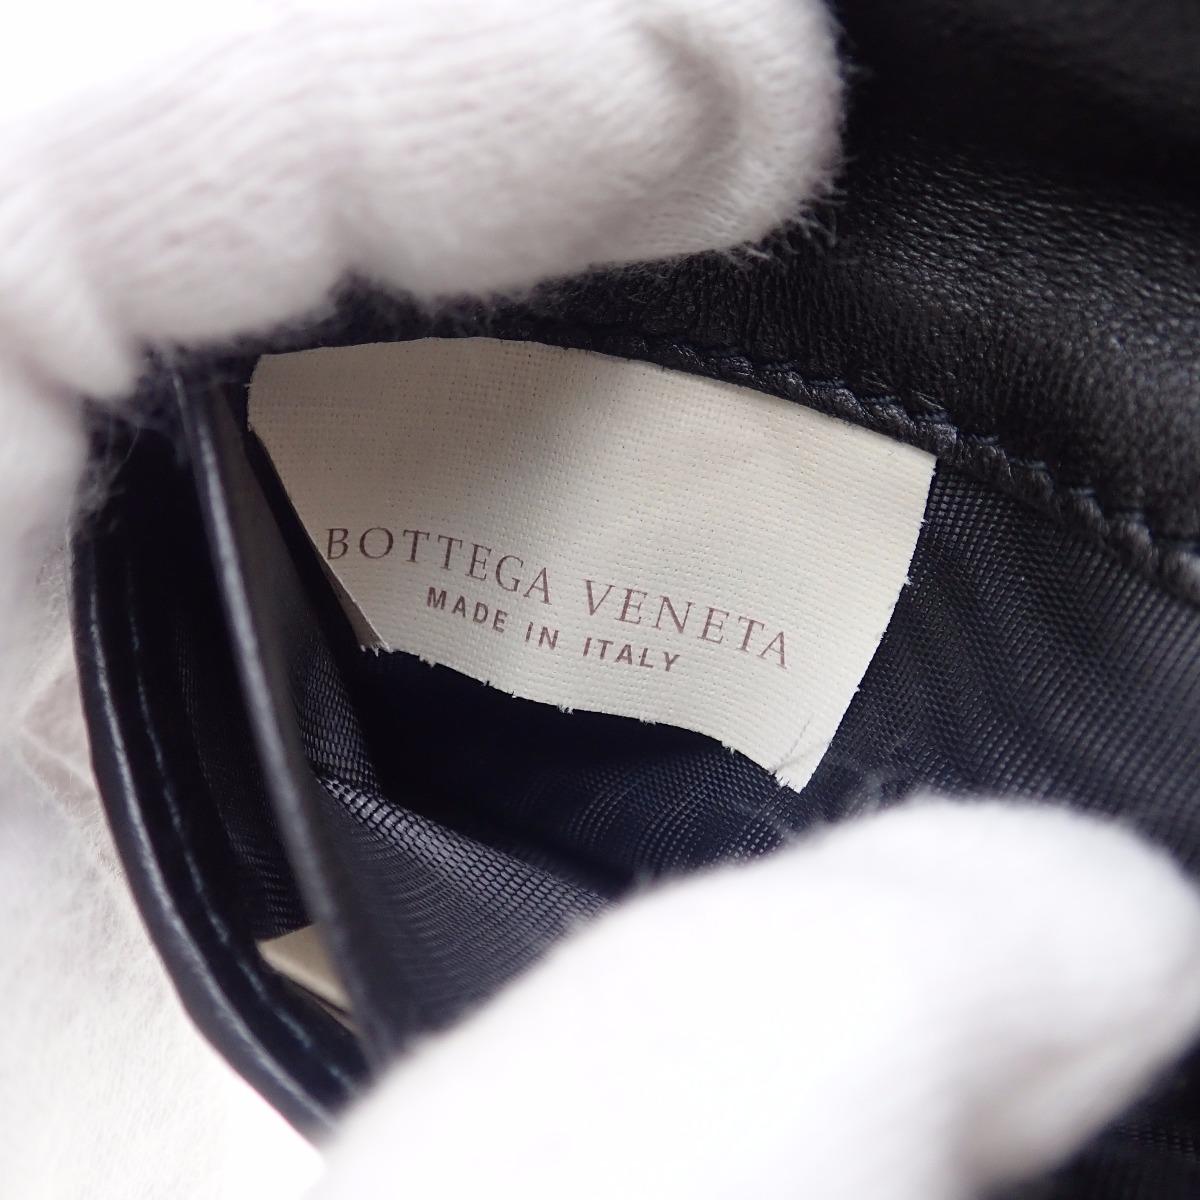 BOTTEGA VENETA イントレチャート 二つ折り財布 小銭入れありレザー レディースボッテガヴェネタEeWD2HYI9